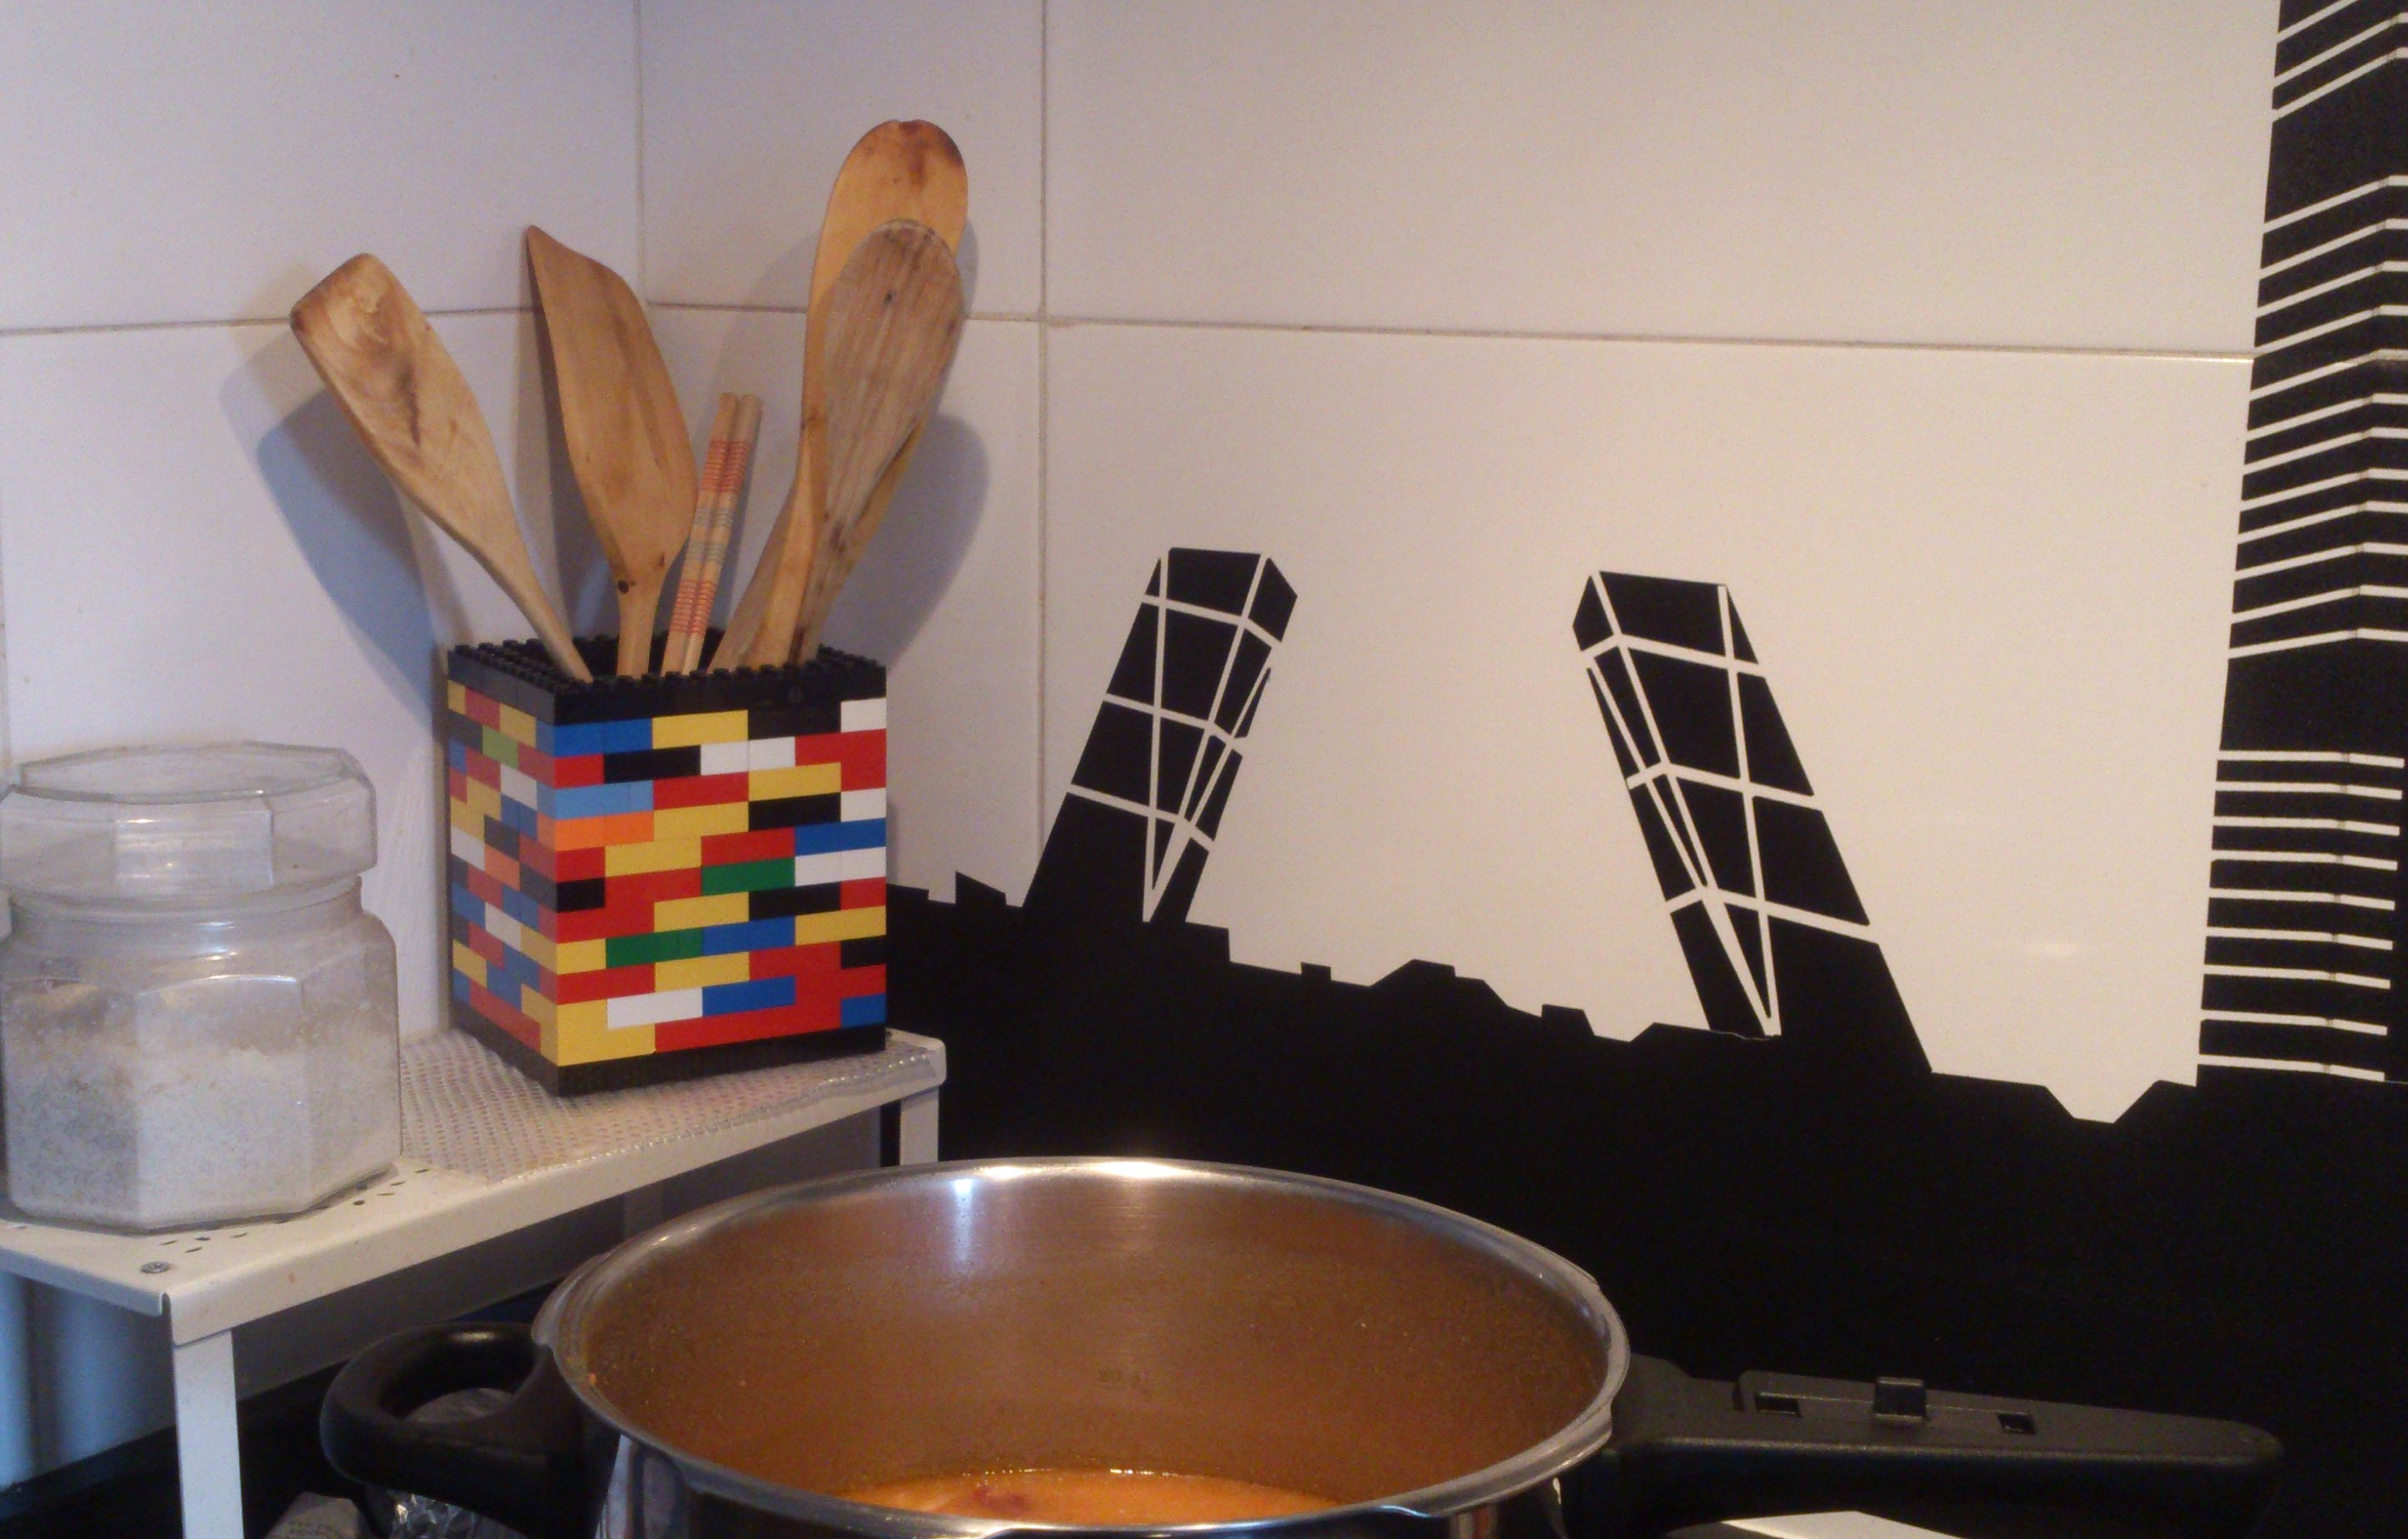 Manualidades p gina 2 asociaci n cultural ale for Porta cucharas cocina